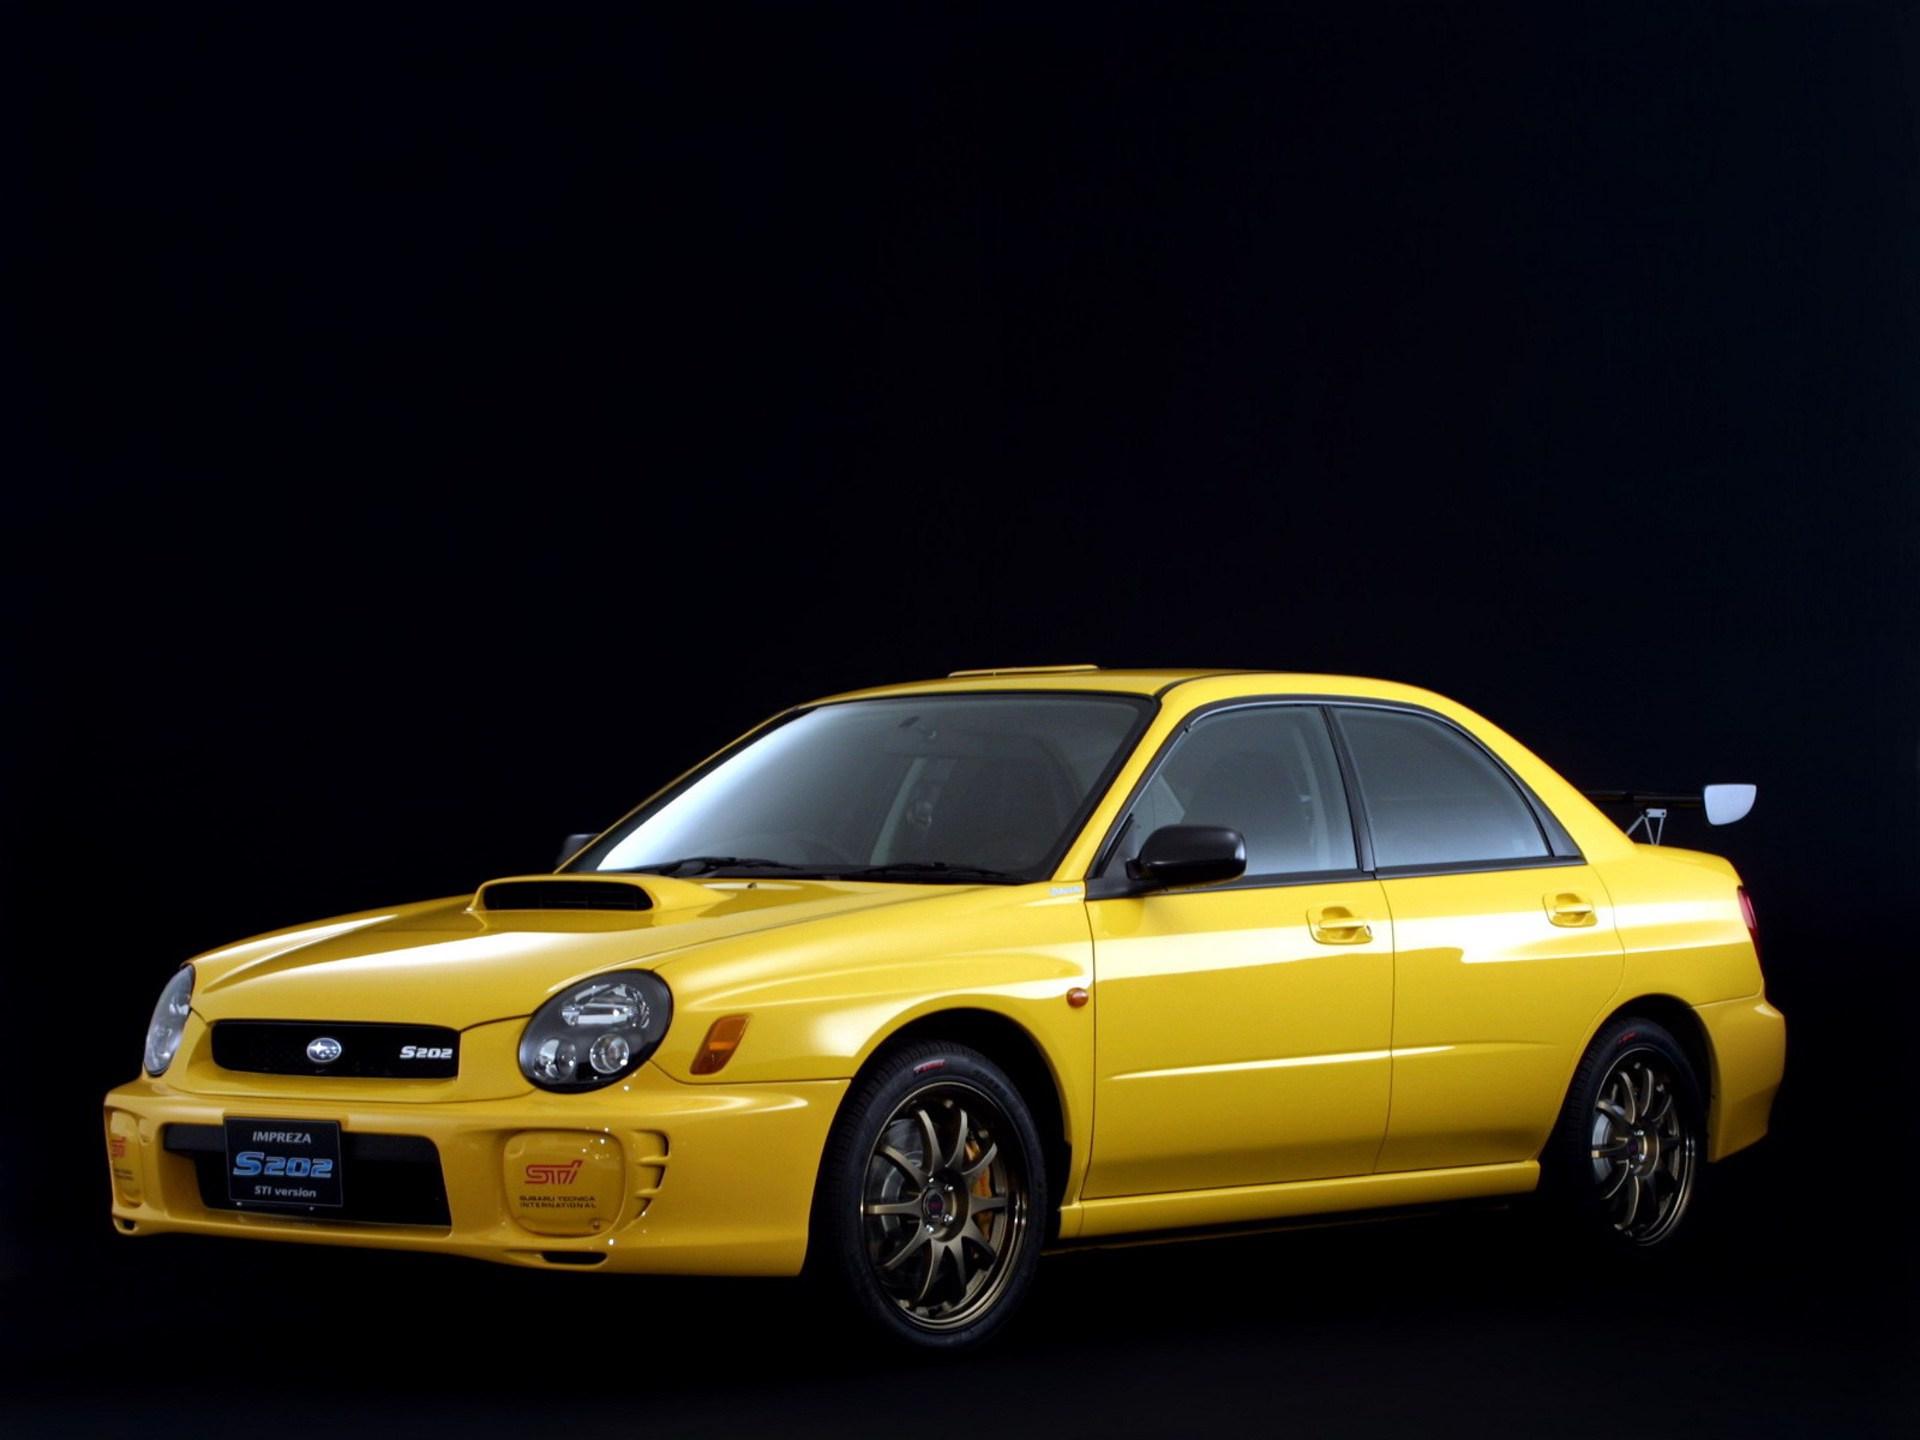 Subaru_Impreza_STI_S202_0011